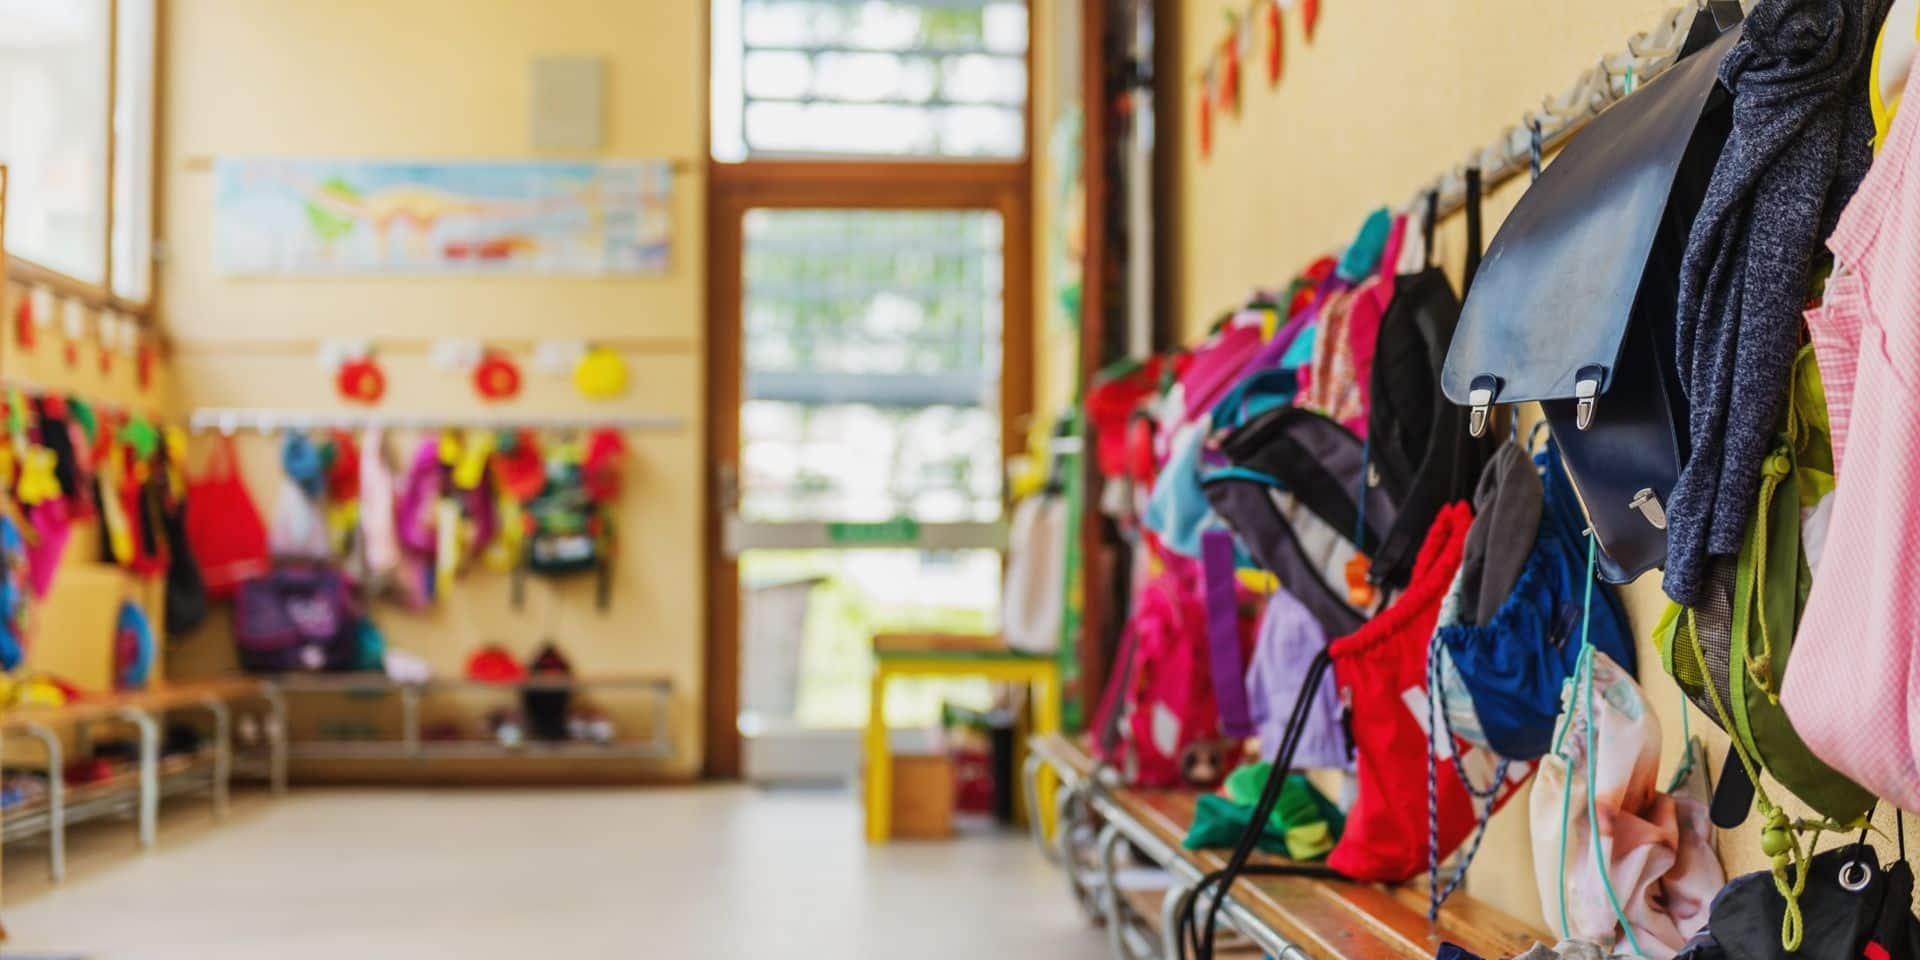 Dix-sept élèves de maternelle et deux adultes à Essen contaminés au variant britannique